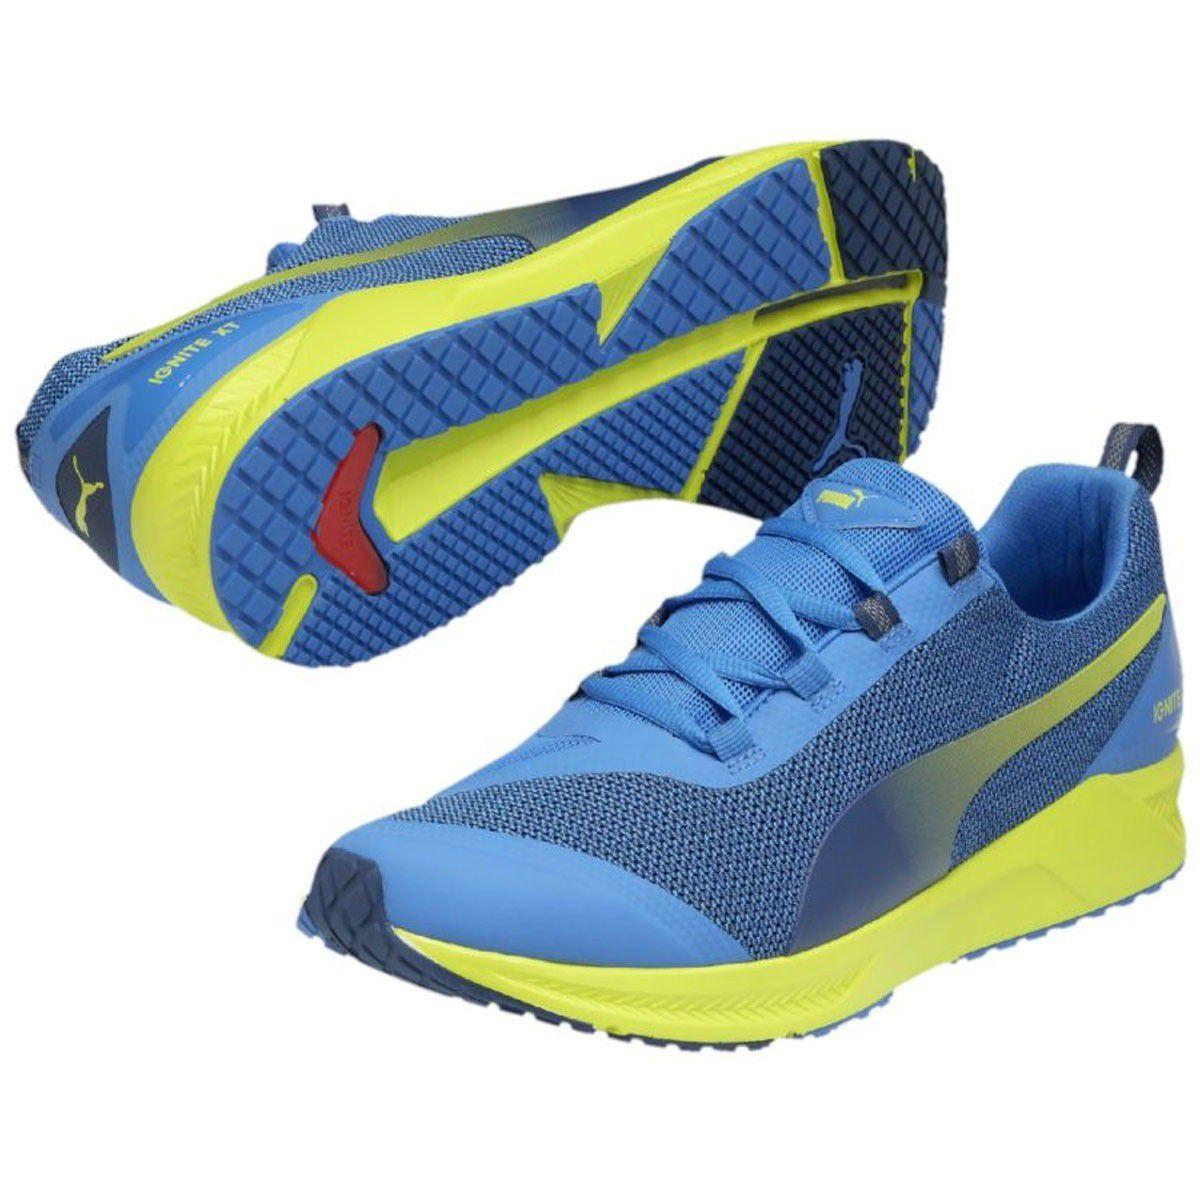 Nike walking shoes for women 2018